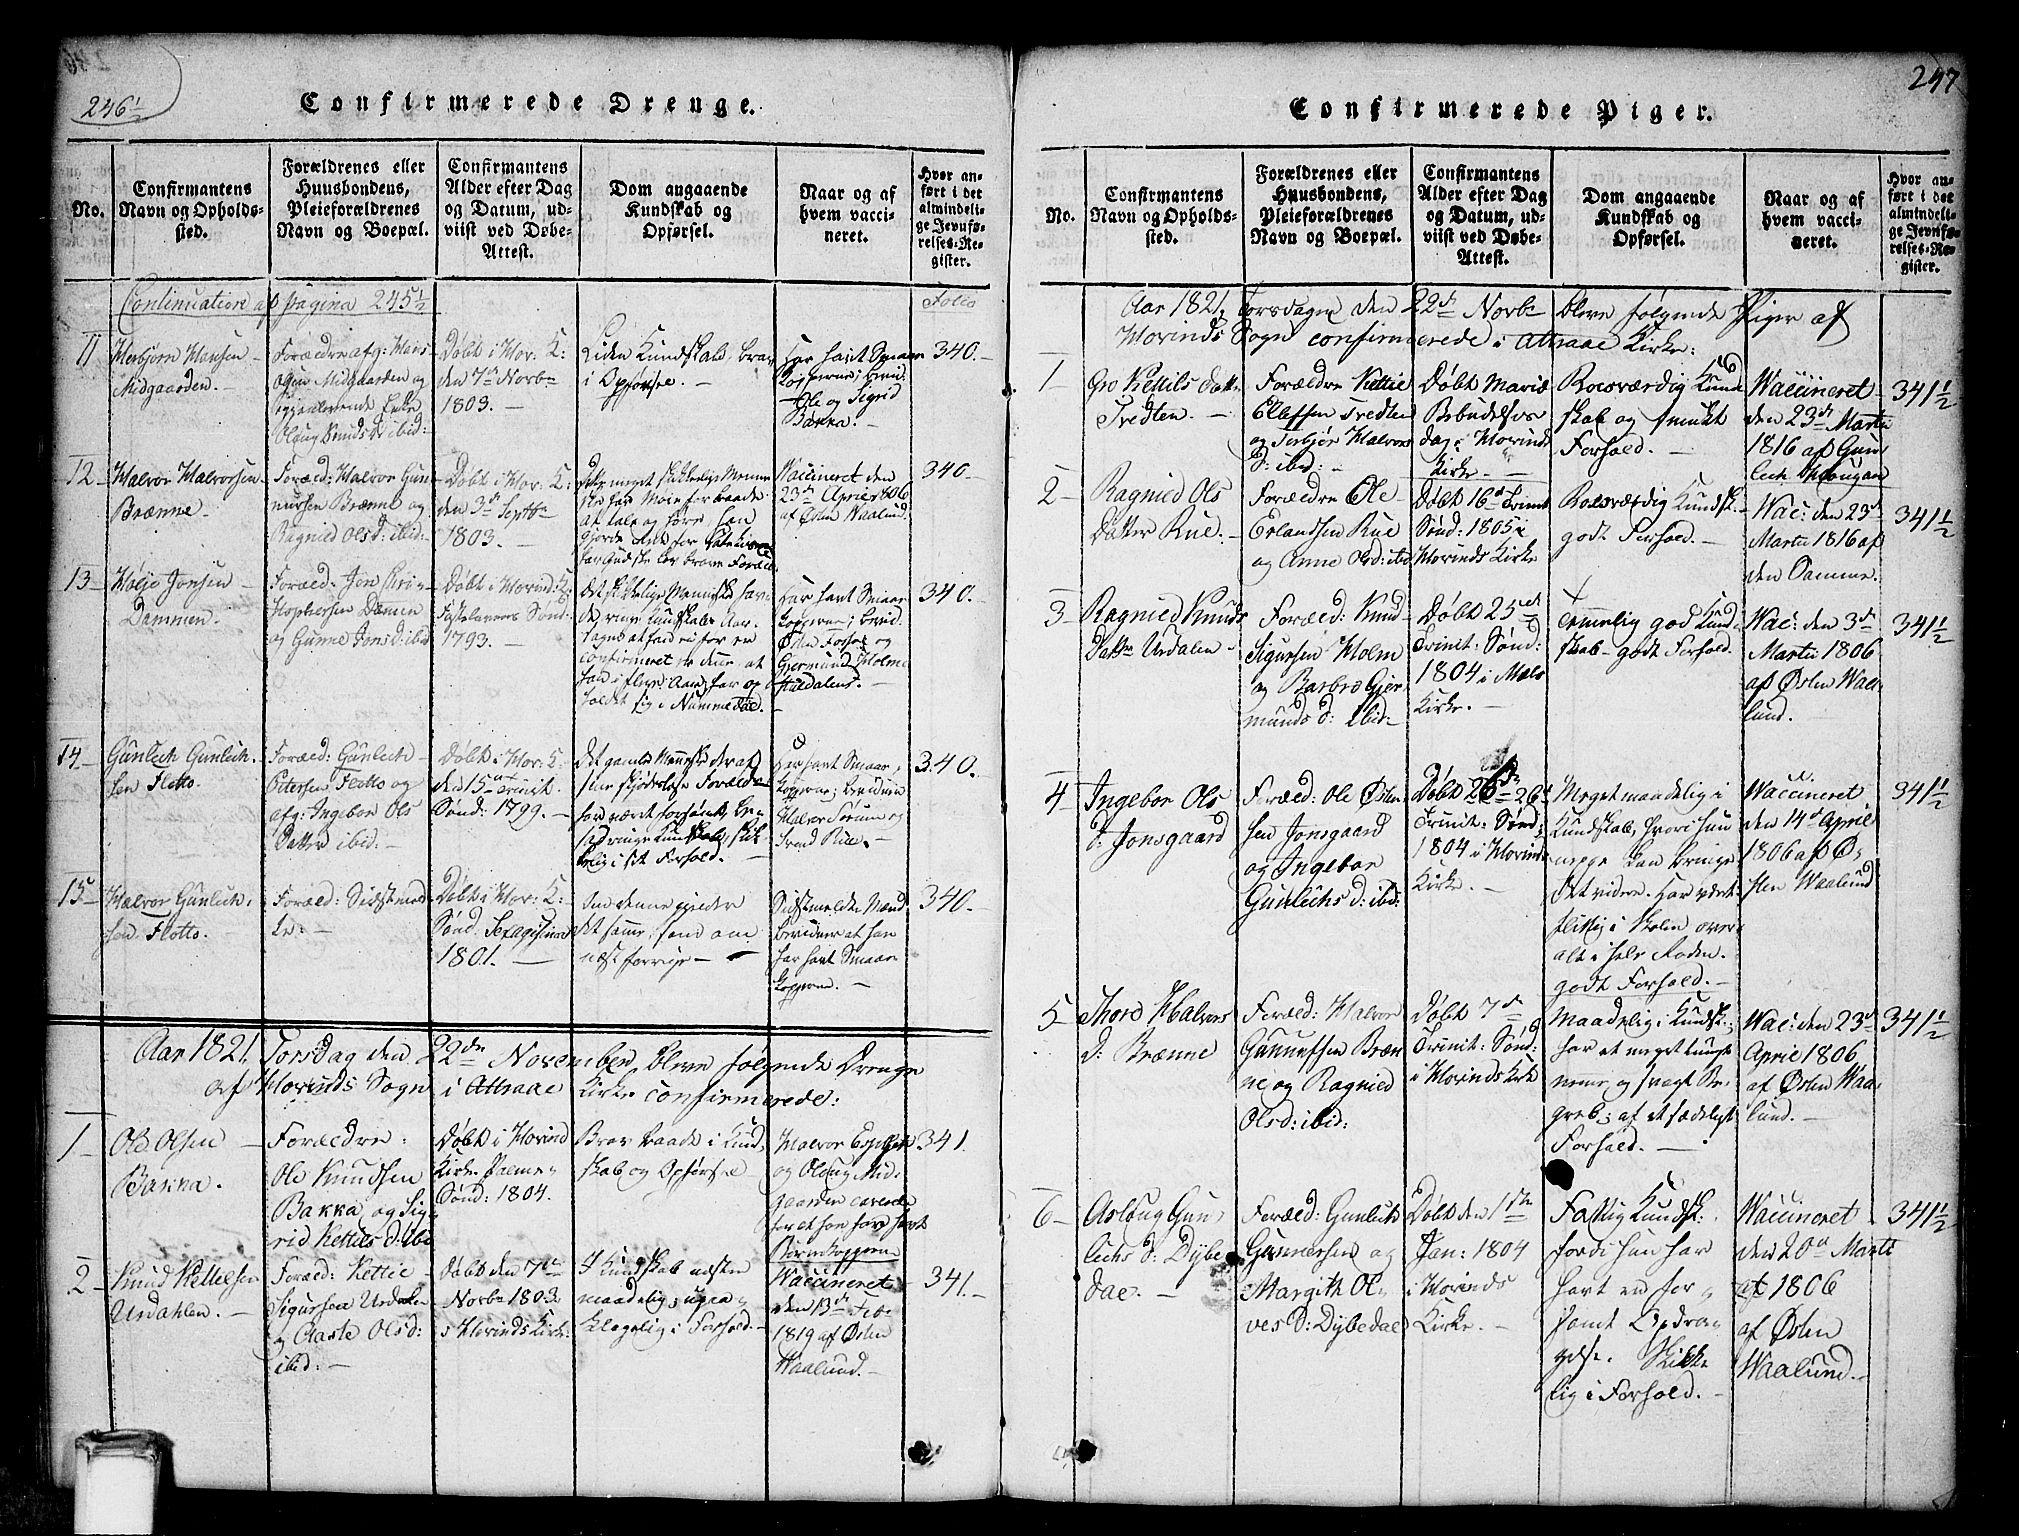 SAKO, Gransherad kirkebøker, G/Gb/L0001: Klokkerbok nr. II 1, 1815-1860, s. 247